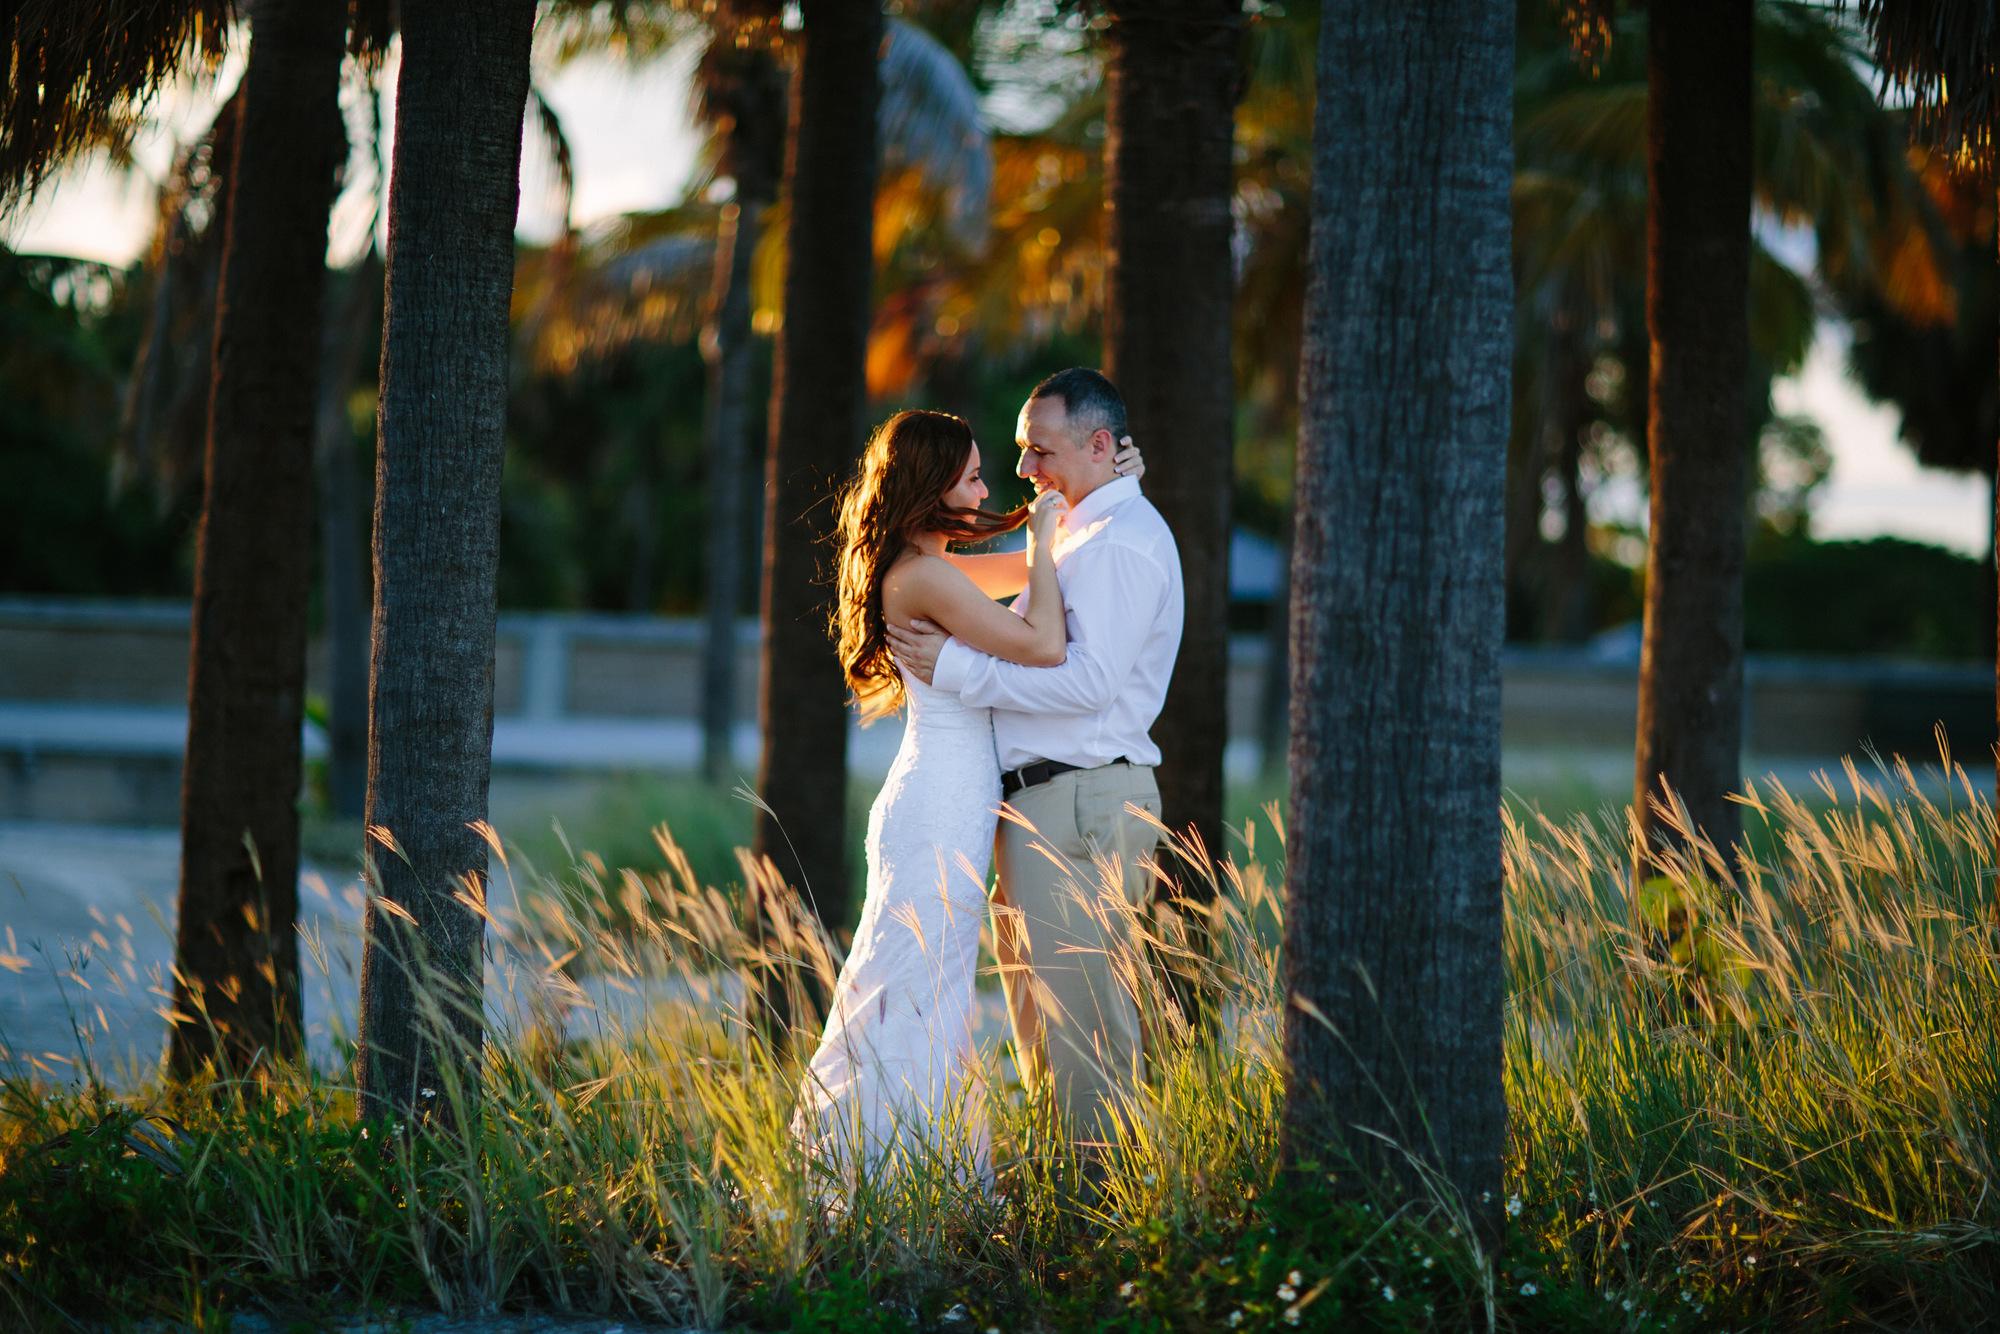 tengerparti esküvő külföldön